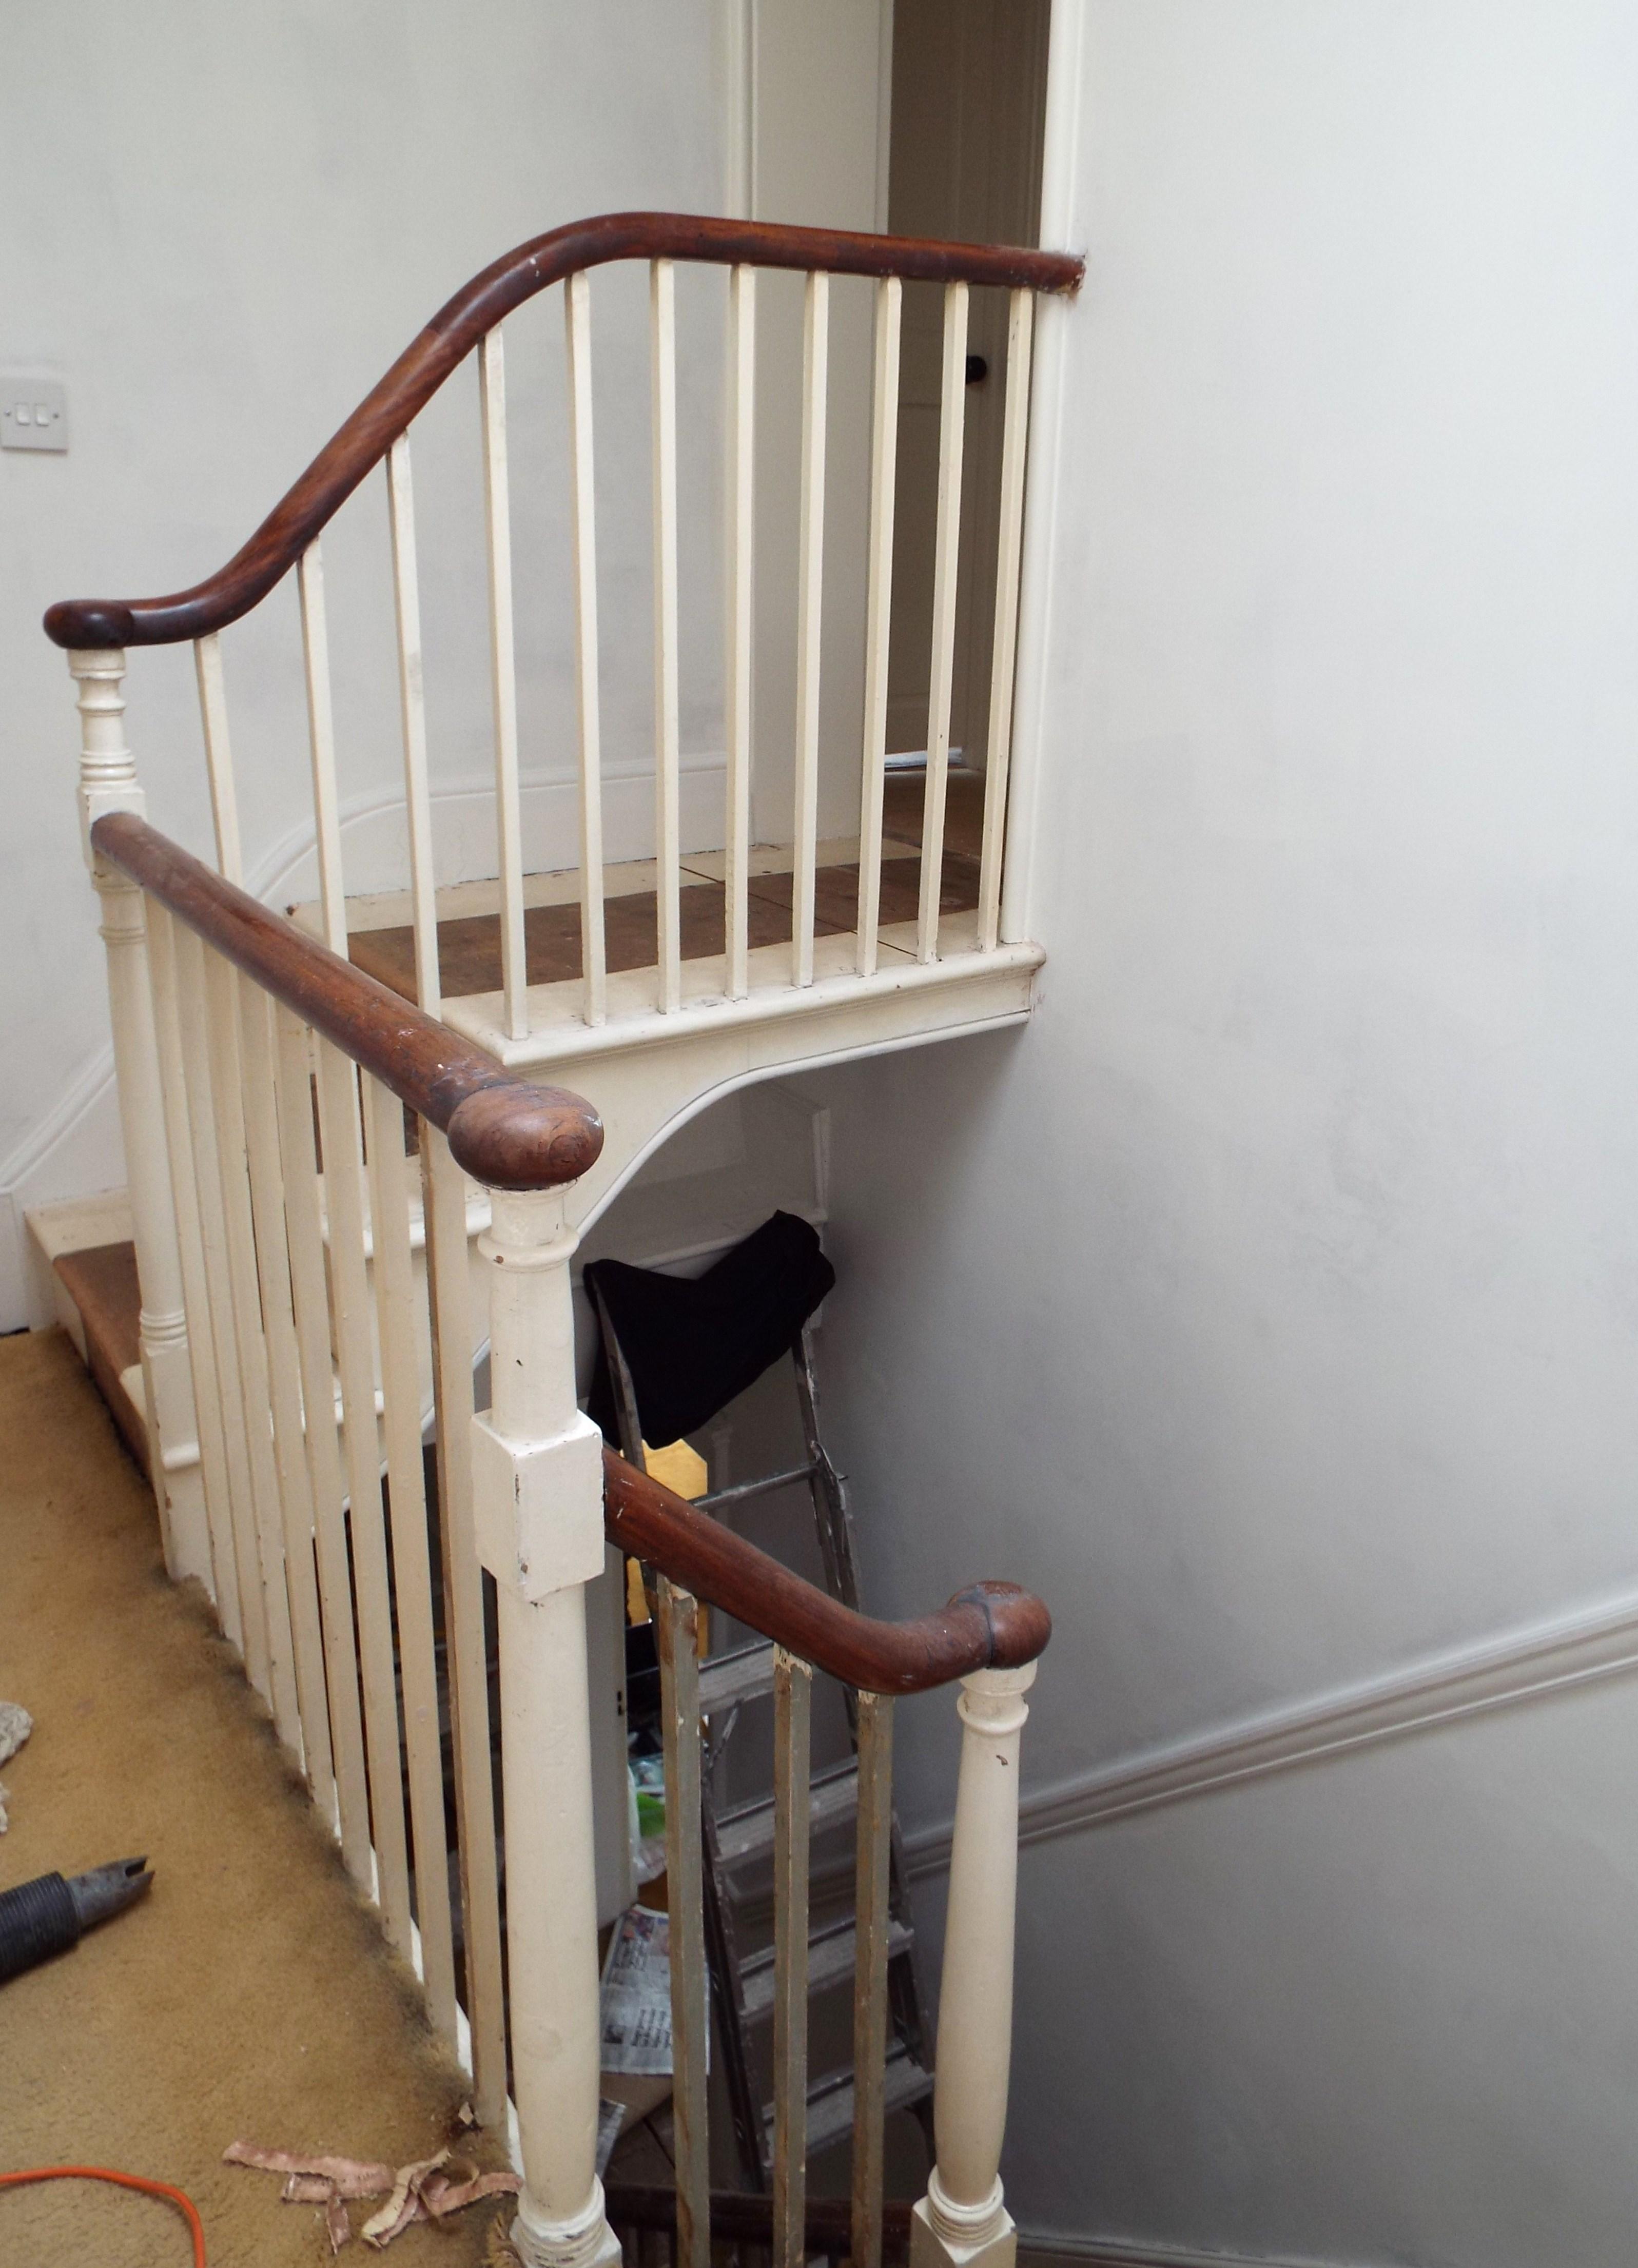 Mahogany or Ebony? The Great Handrail Debate – My lovely money pit